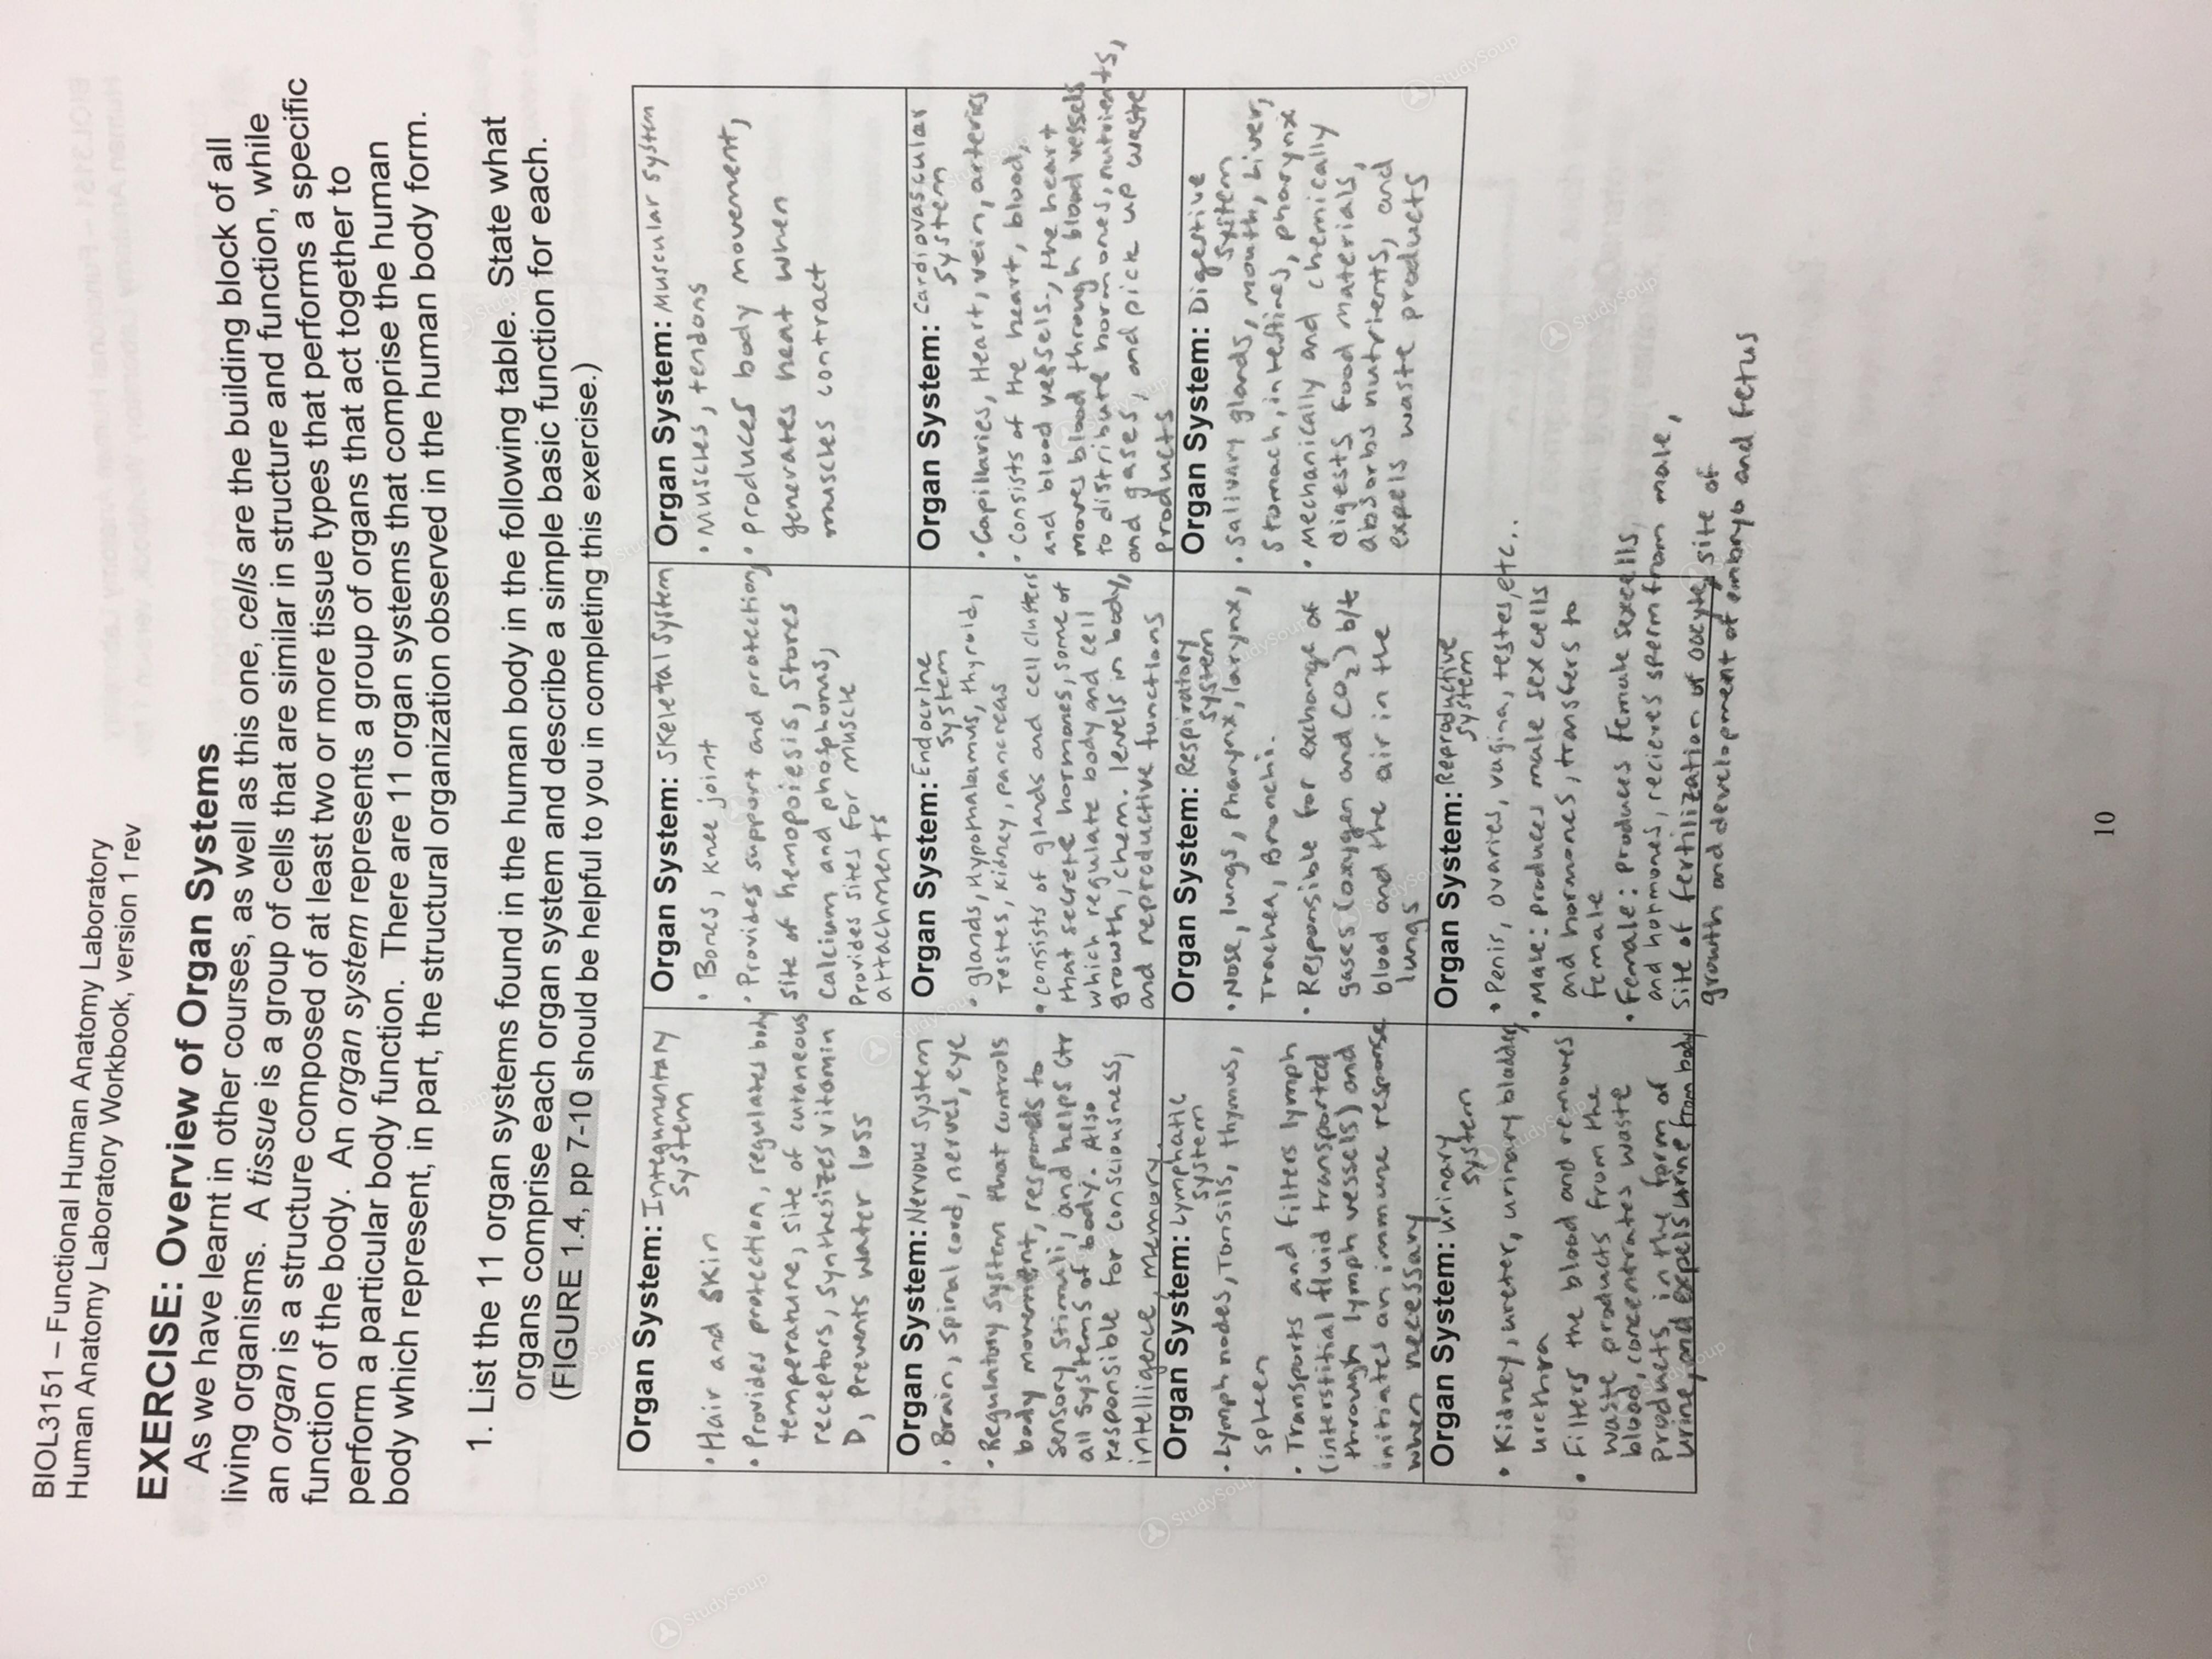 Clemson Micr 3150 Class Notes Pre Labex 1 Studysoup